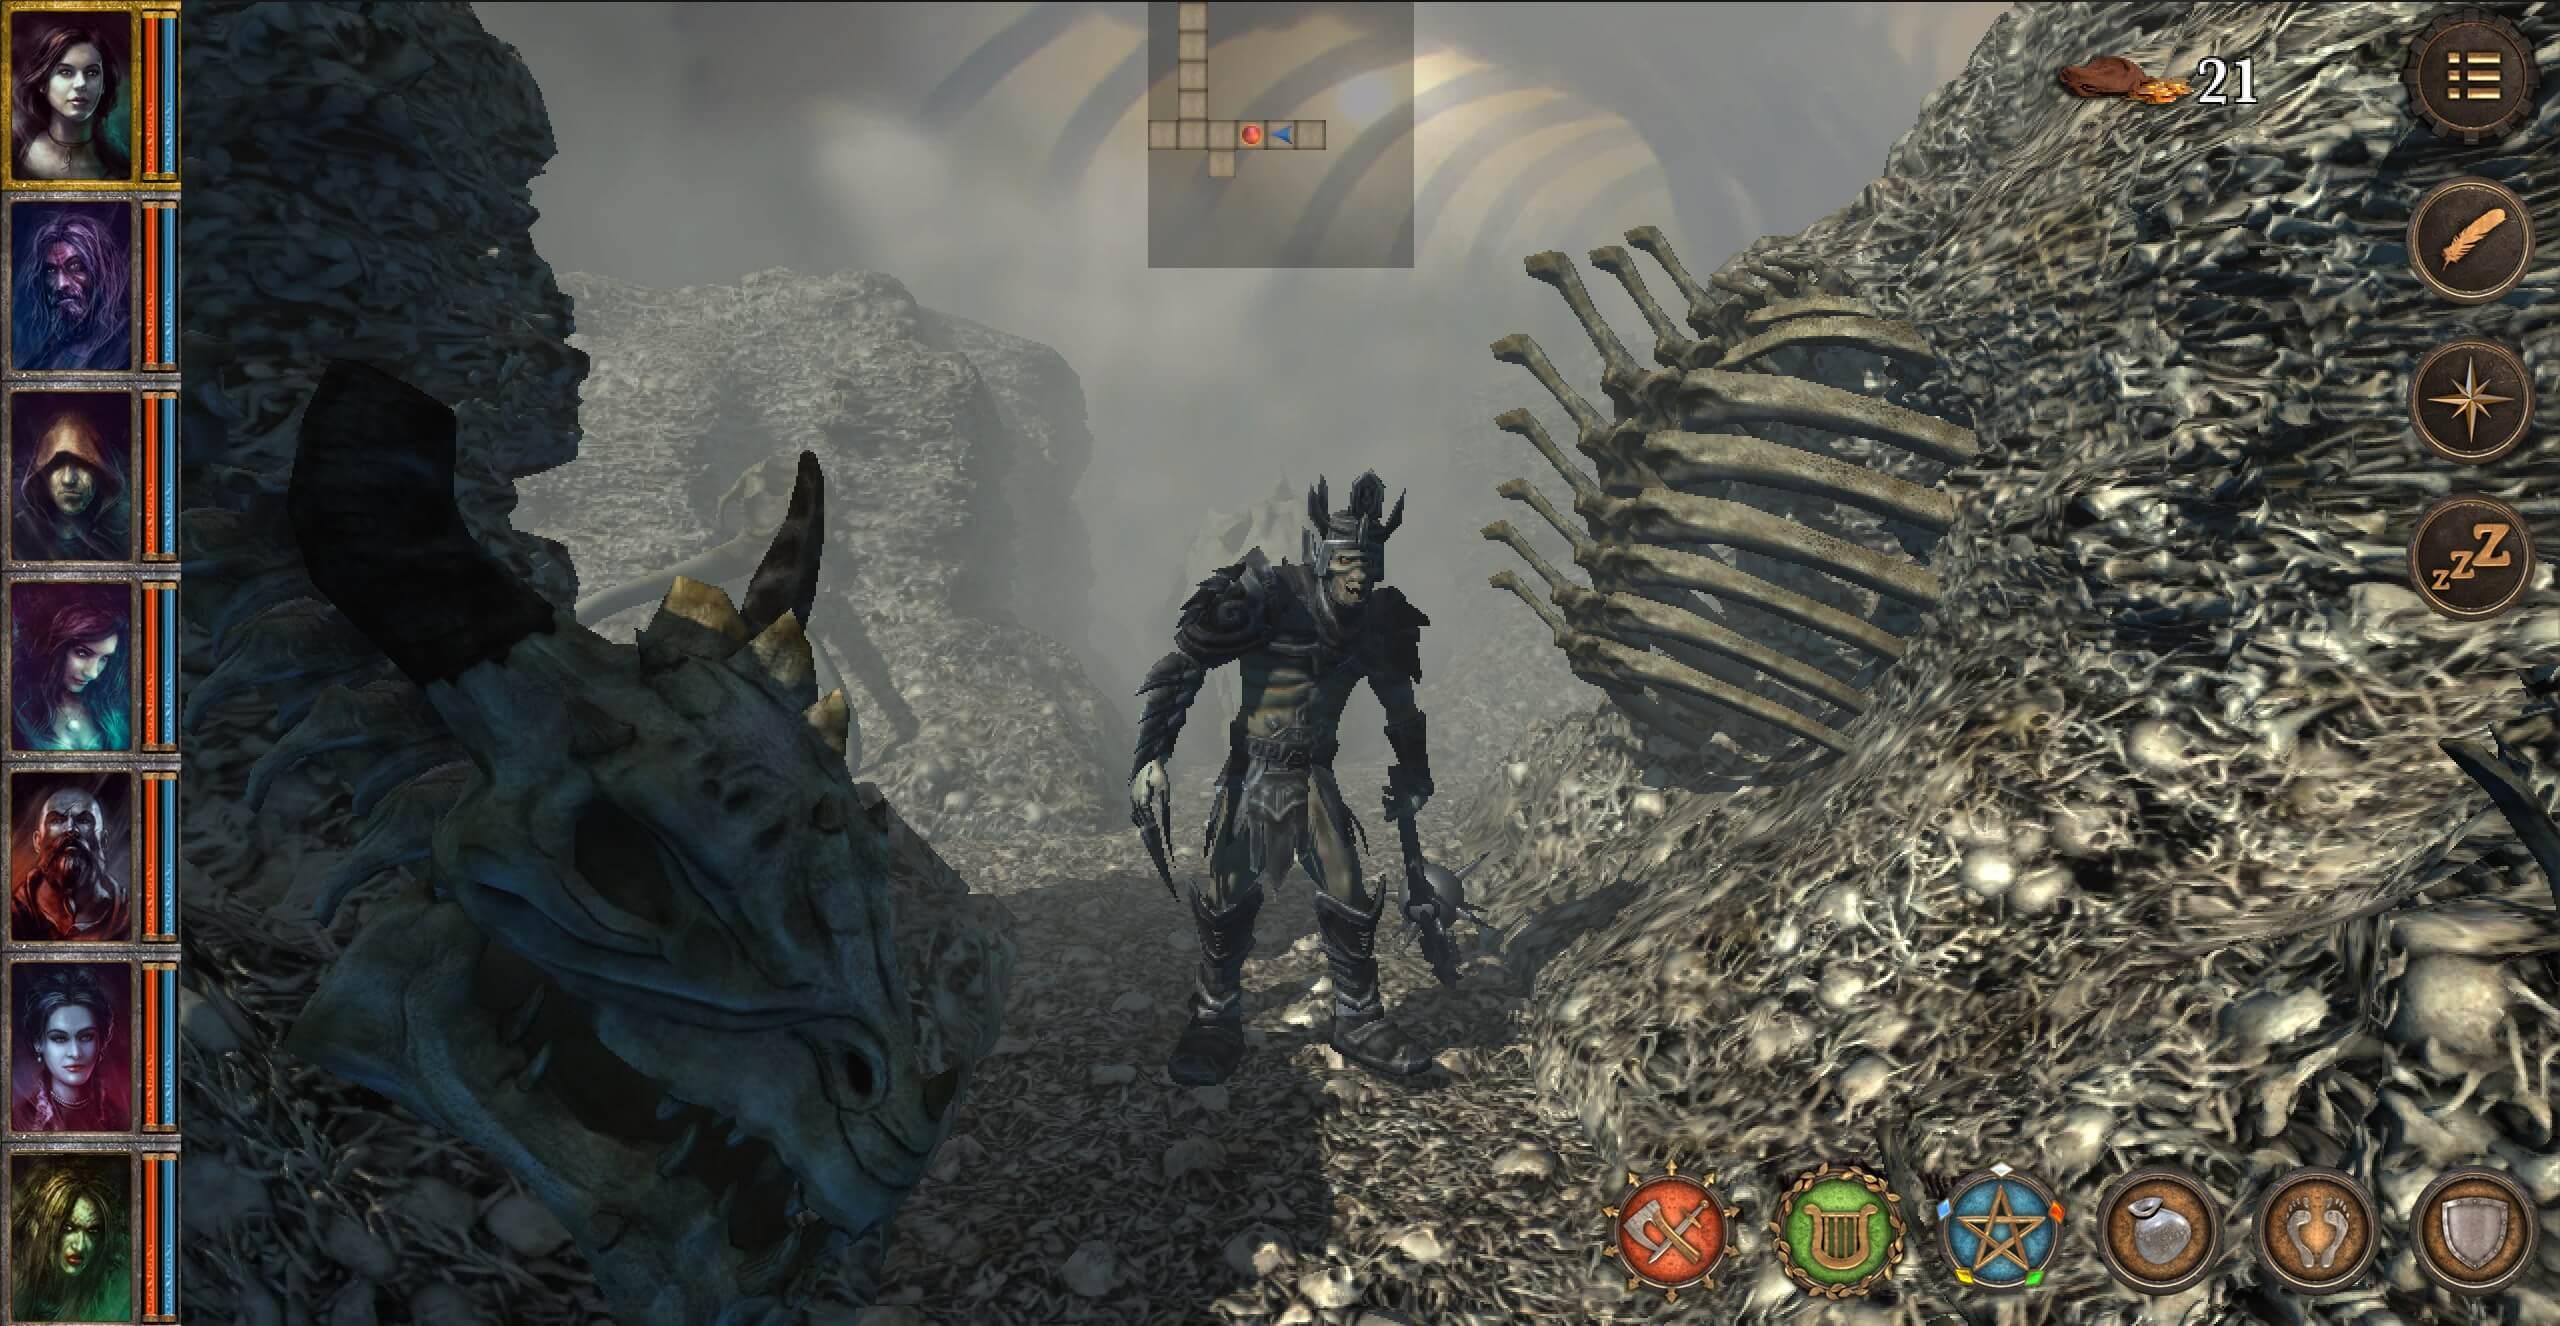 Brány Skeldalu: 7 Mágů je klasické RPG a krokovací dungeon v jednom balení